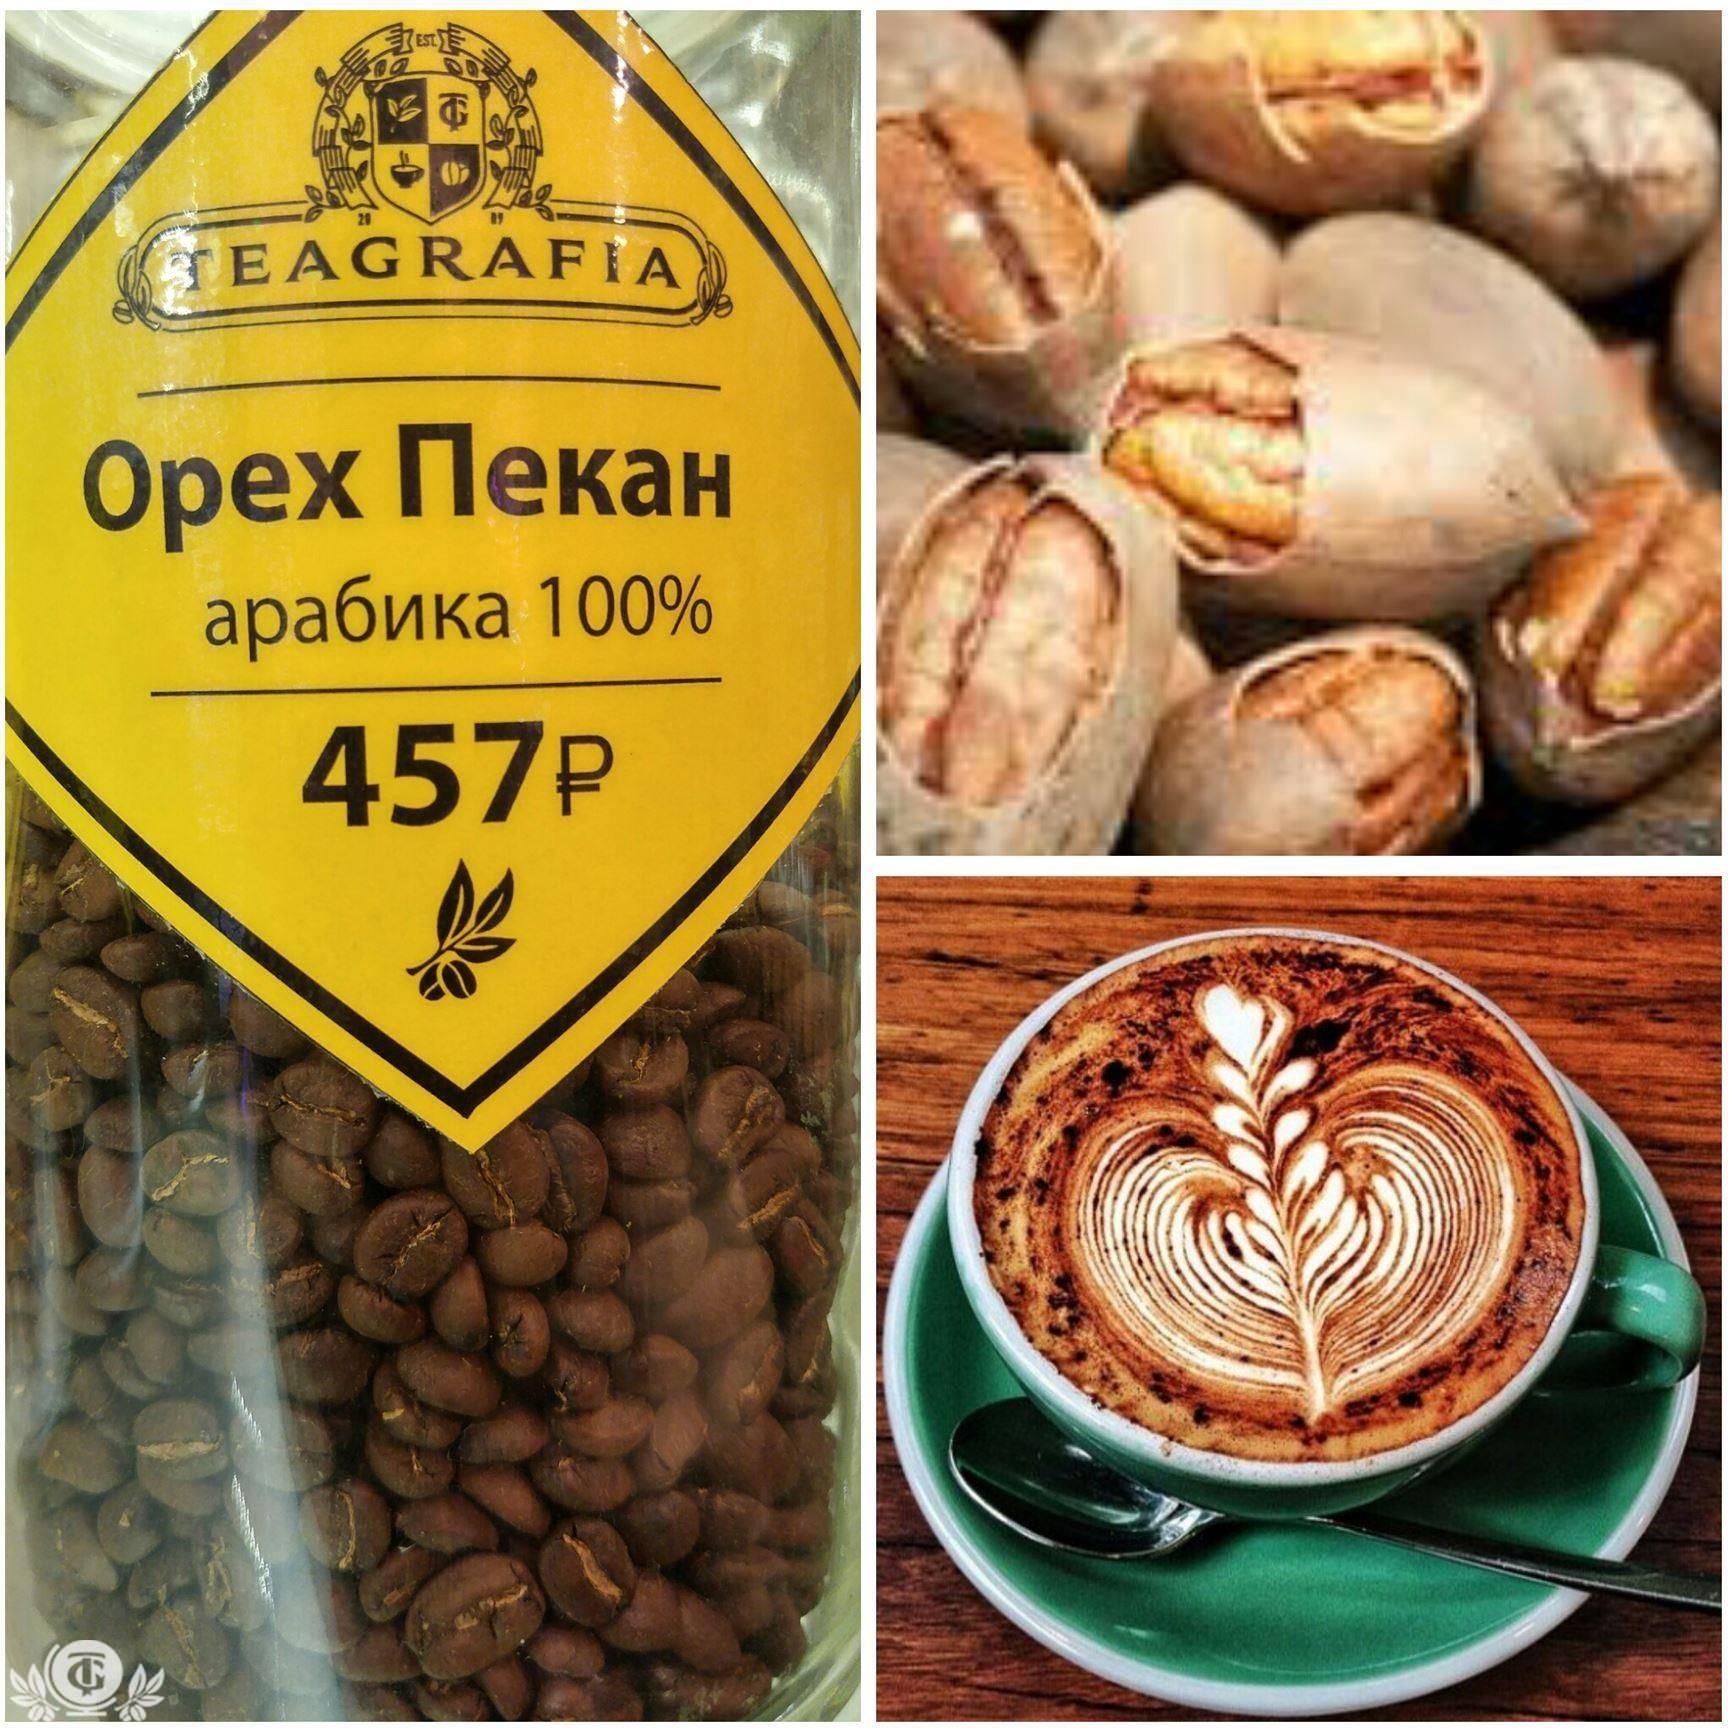 Орехи, мята, шоколад: 6 оригинальных рецептов дляистинных поклонников кофе